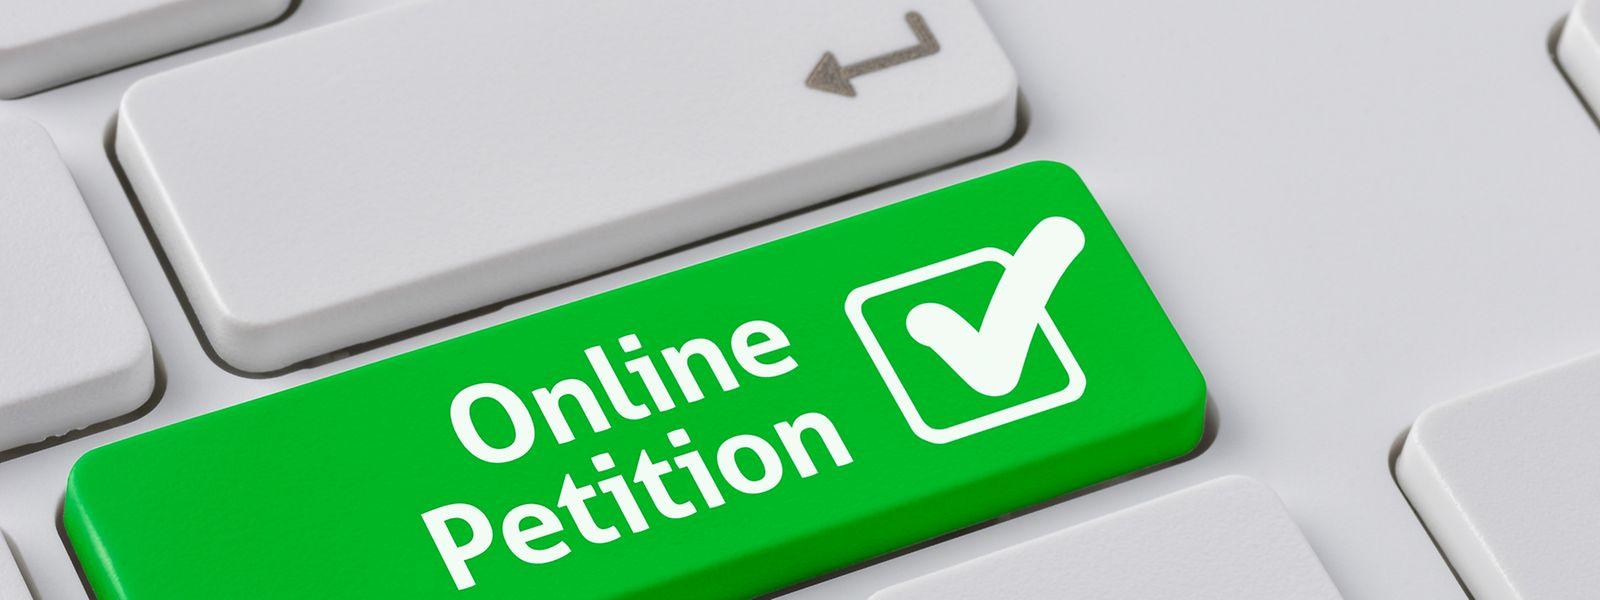 Wegen der Corona-Krise ist es derzeit nicht mehr möglich, Petitionen zu unterschreiben, weder online noch auf Papier.